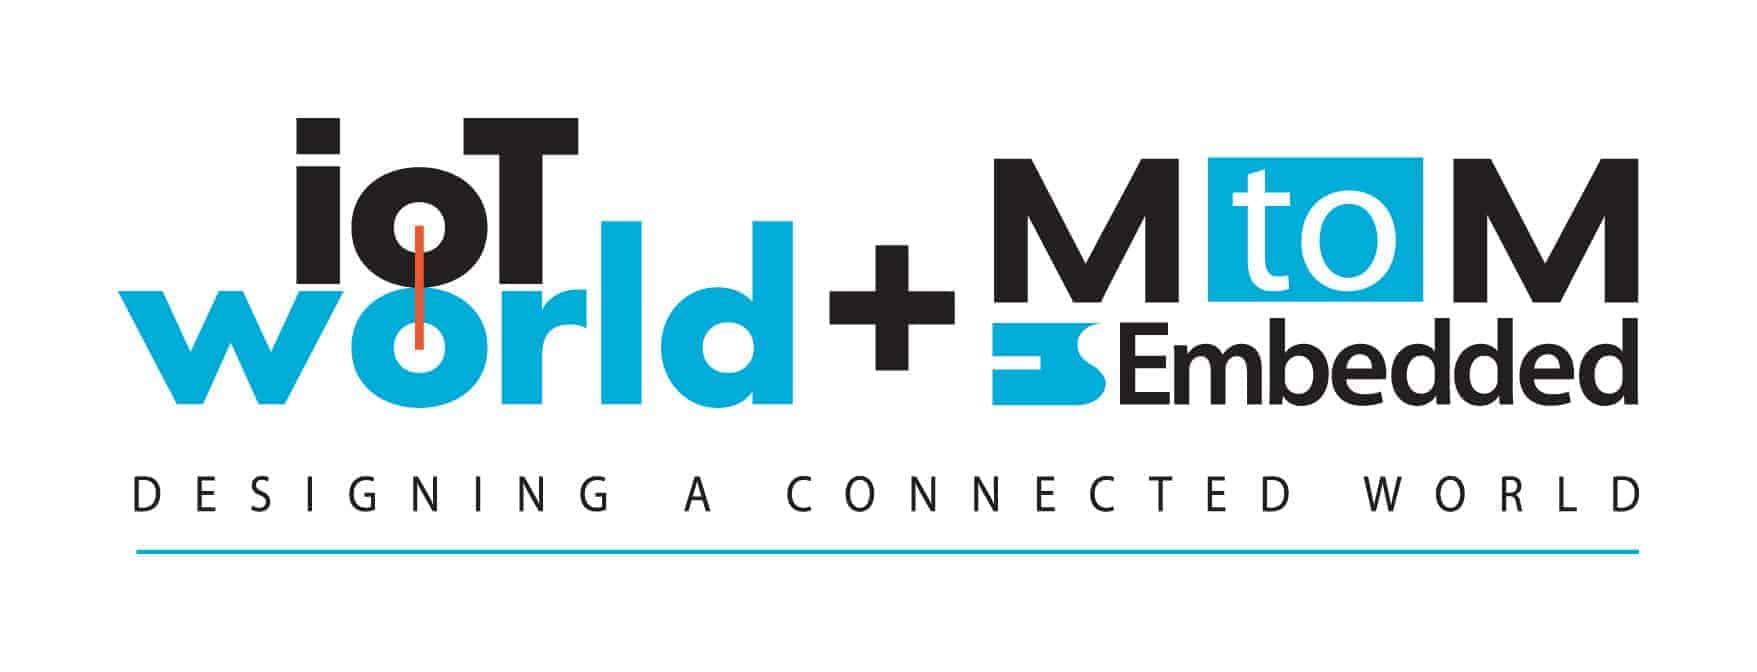 Techniques de l'Ingénieur partenaire de IoT World +MtoM Embedded